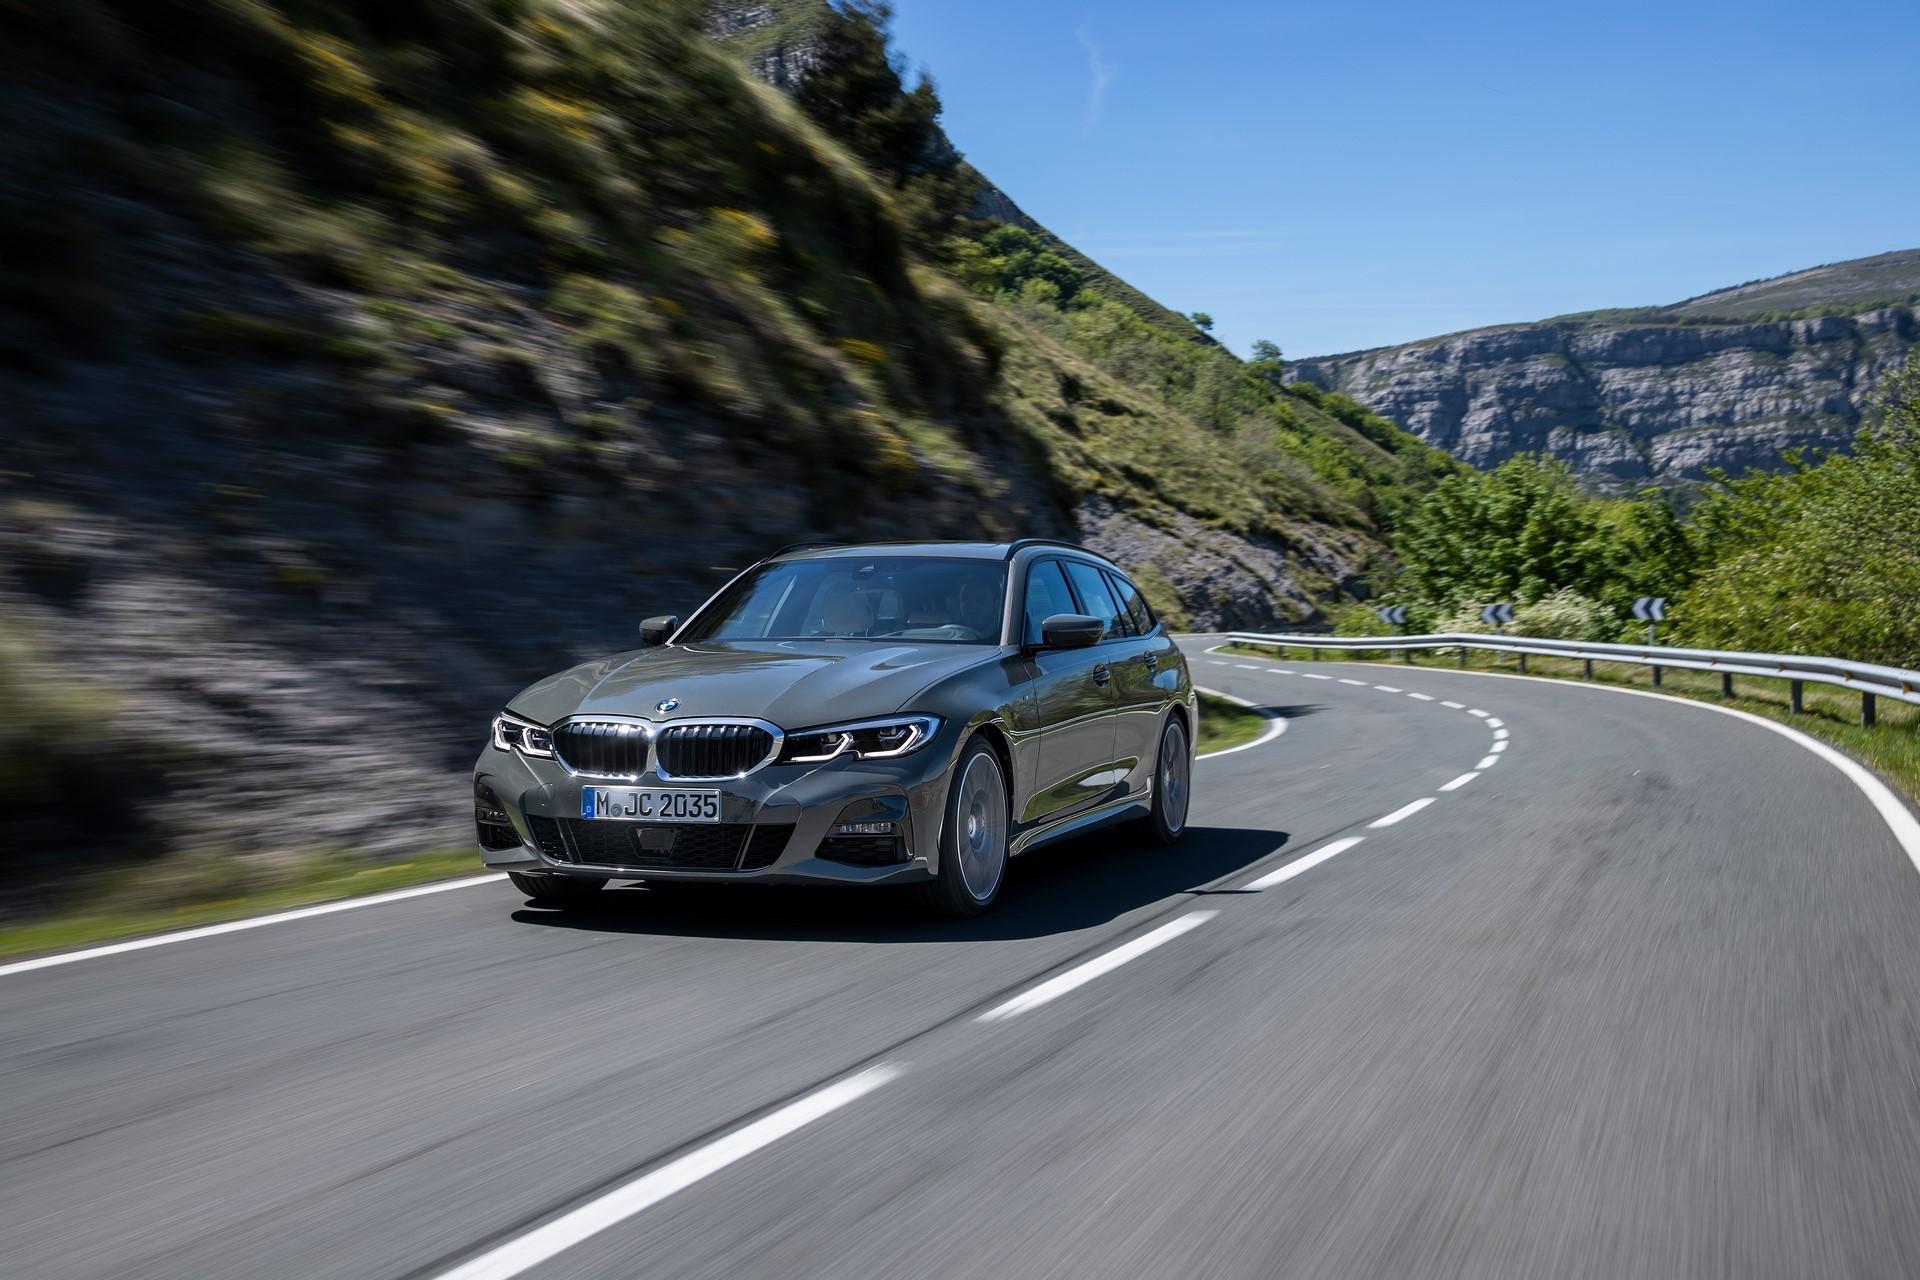 BMW-3-Series-Touring-2019-48